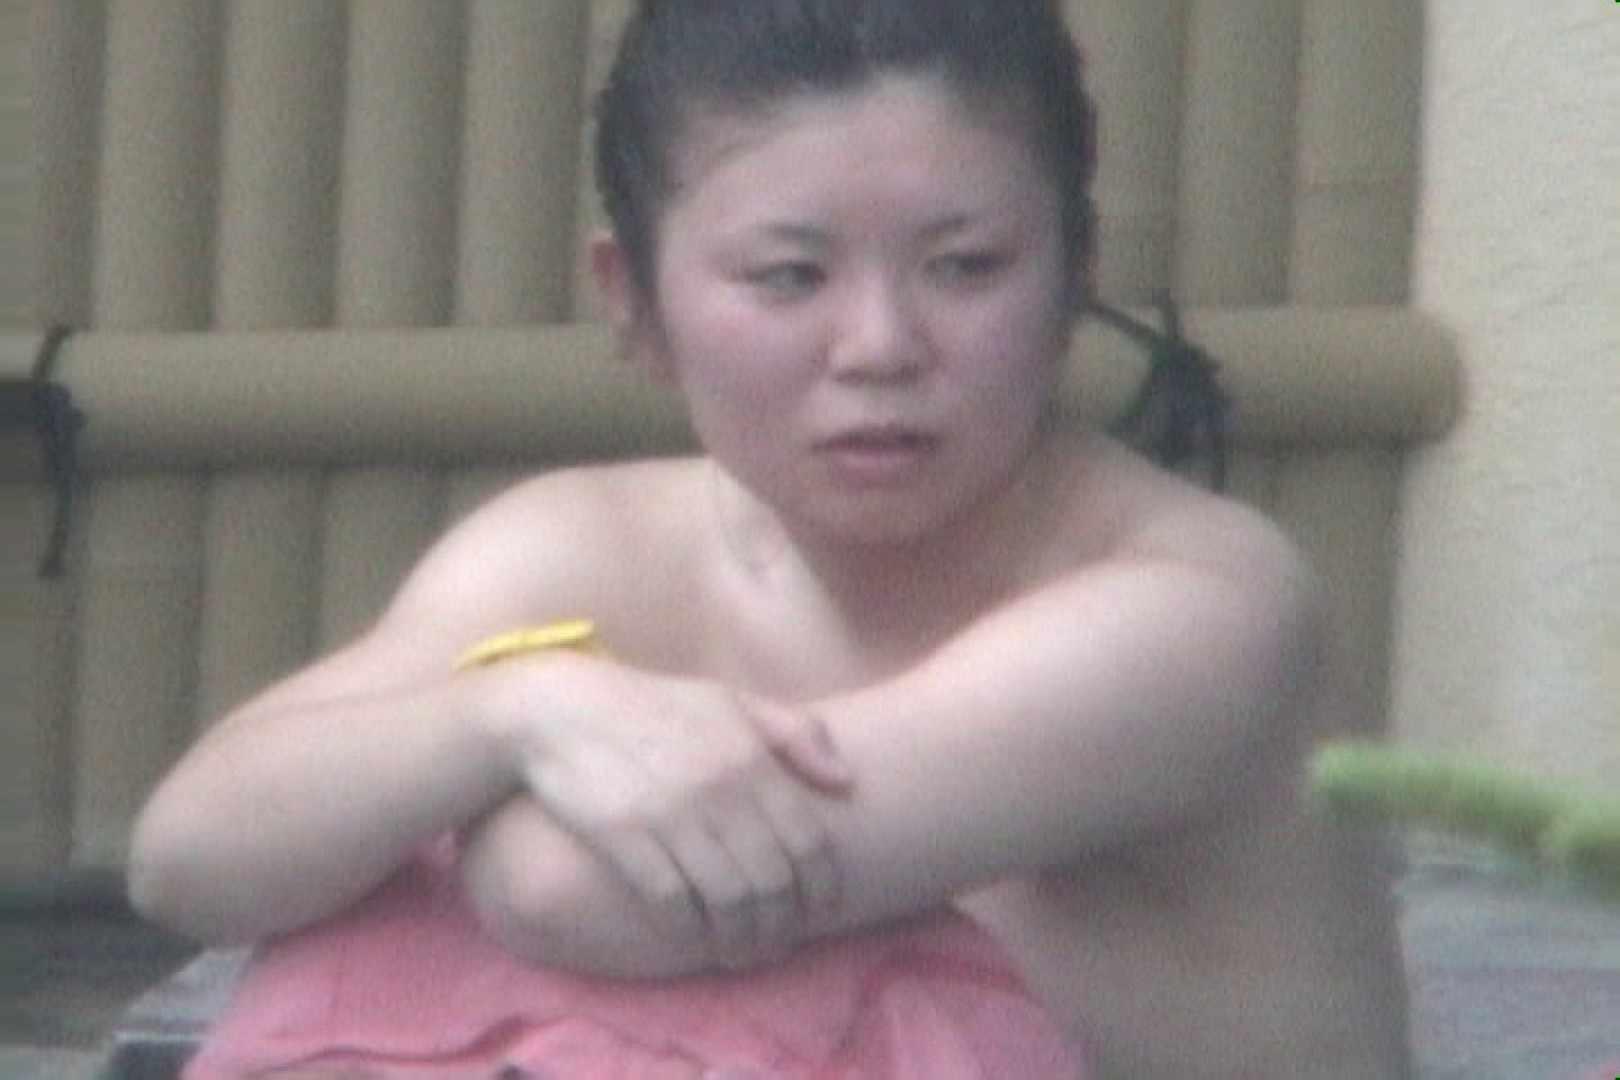 Aquaな露天風呂Vol.47【VIP限定】 盗撮師作品 | 美しいOLの裸体  94pic 94